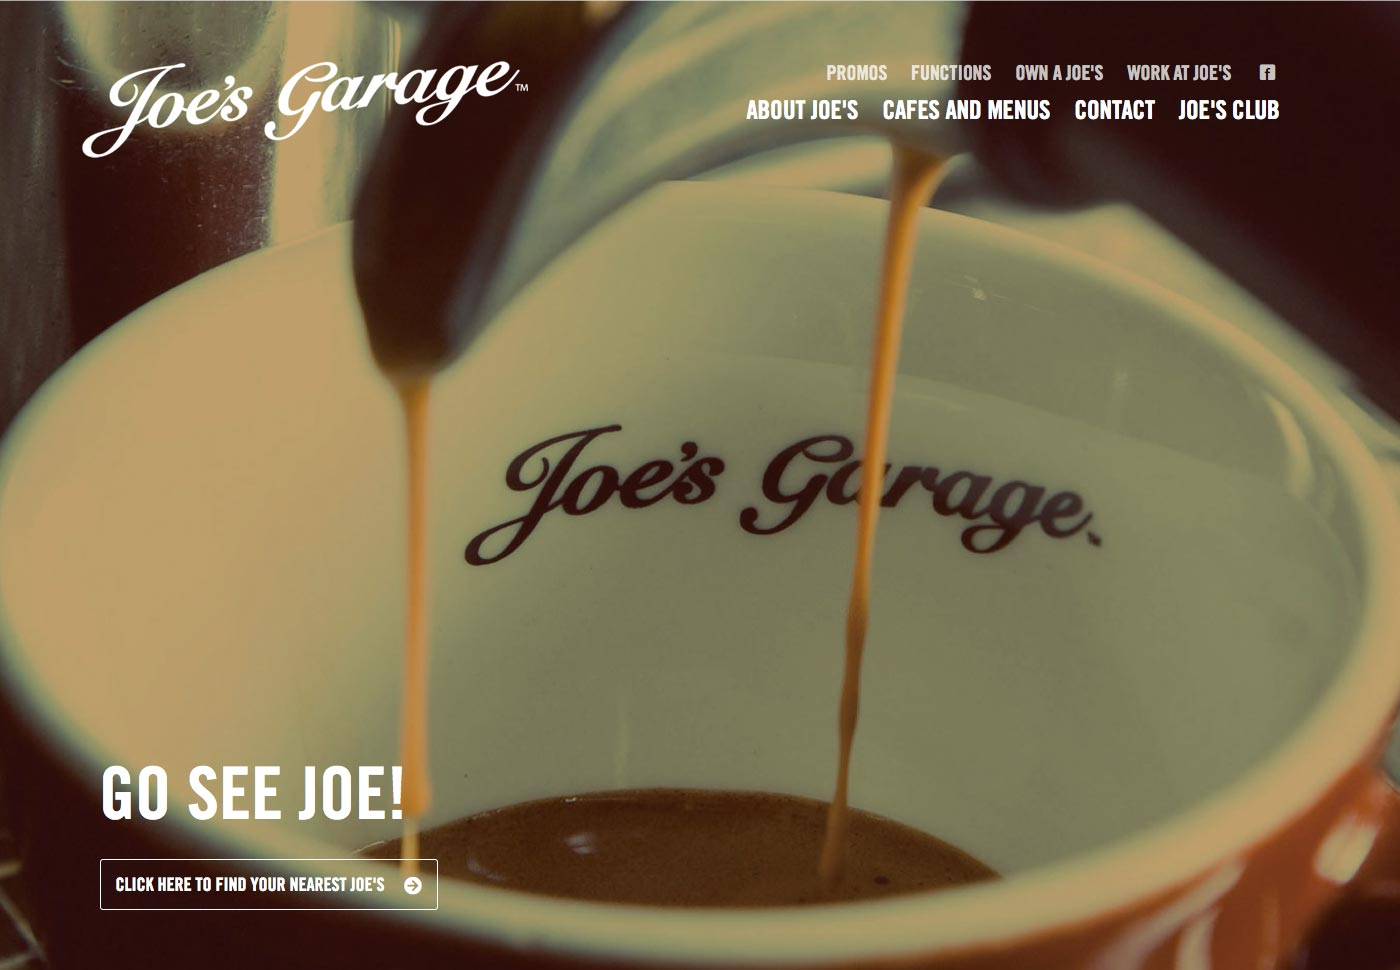 Joe's garasje